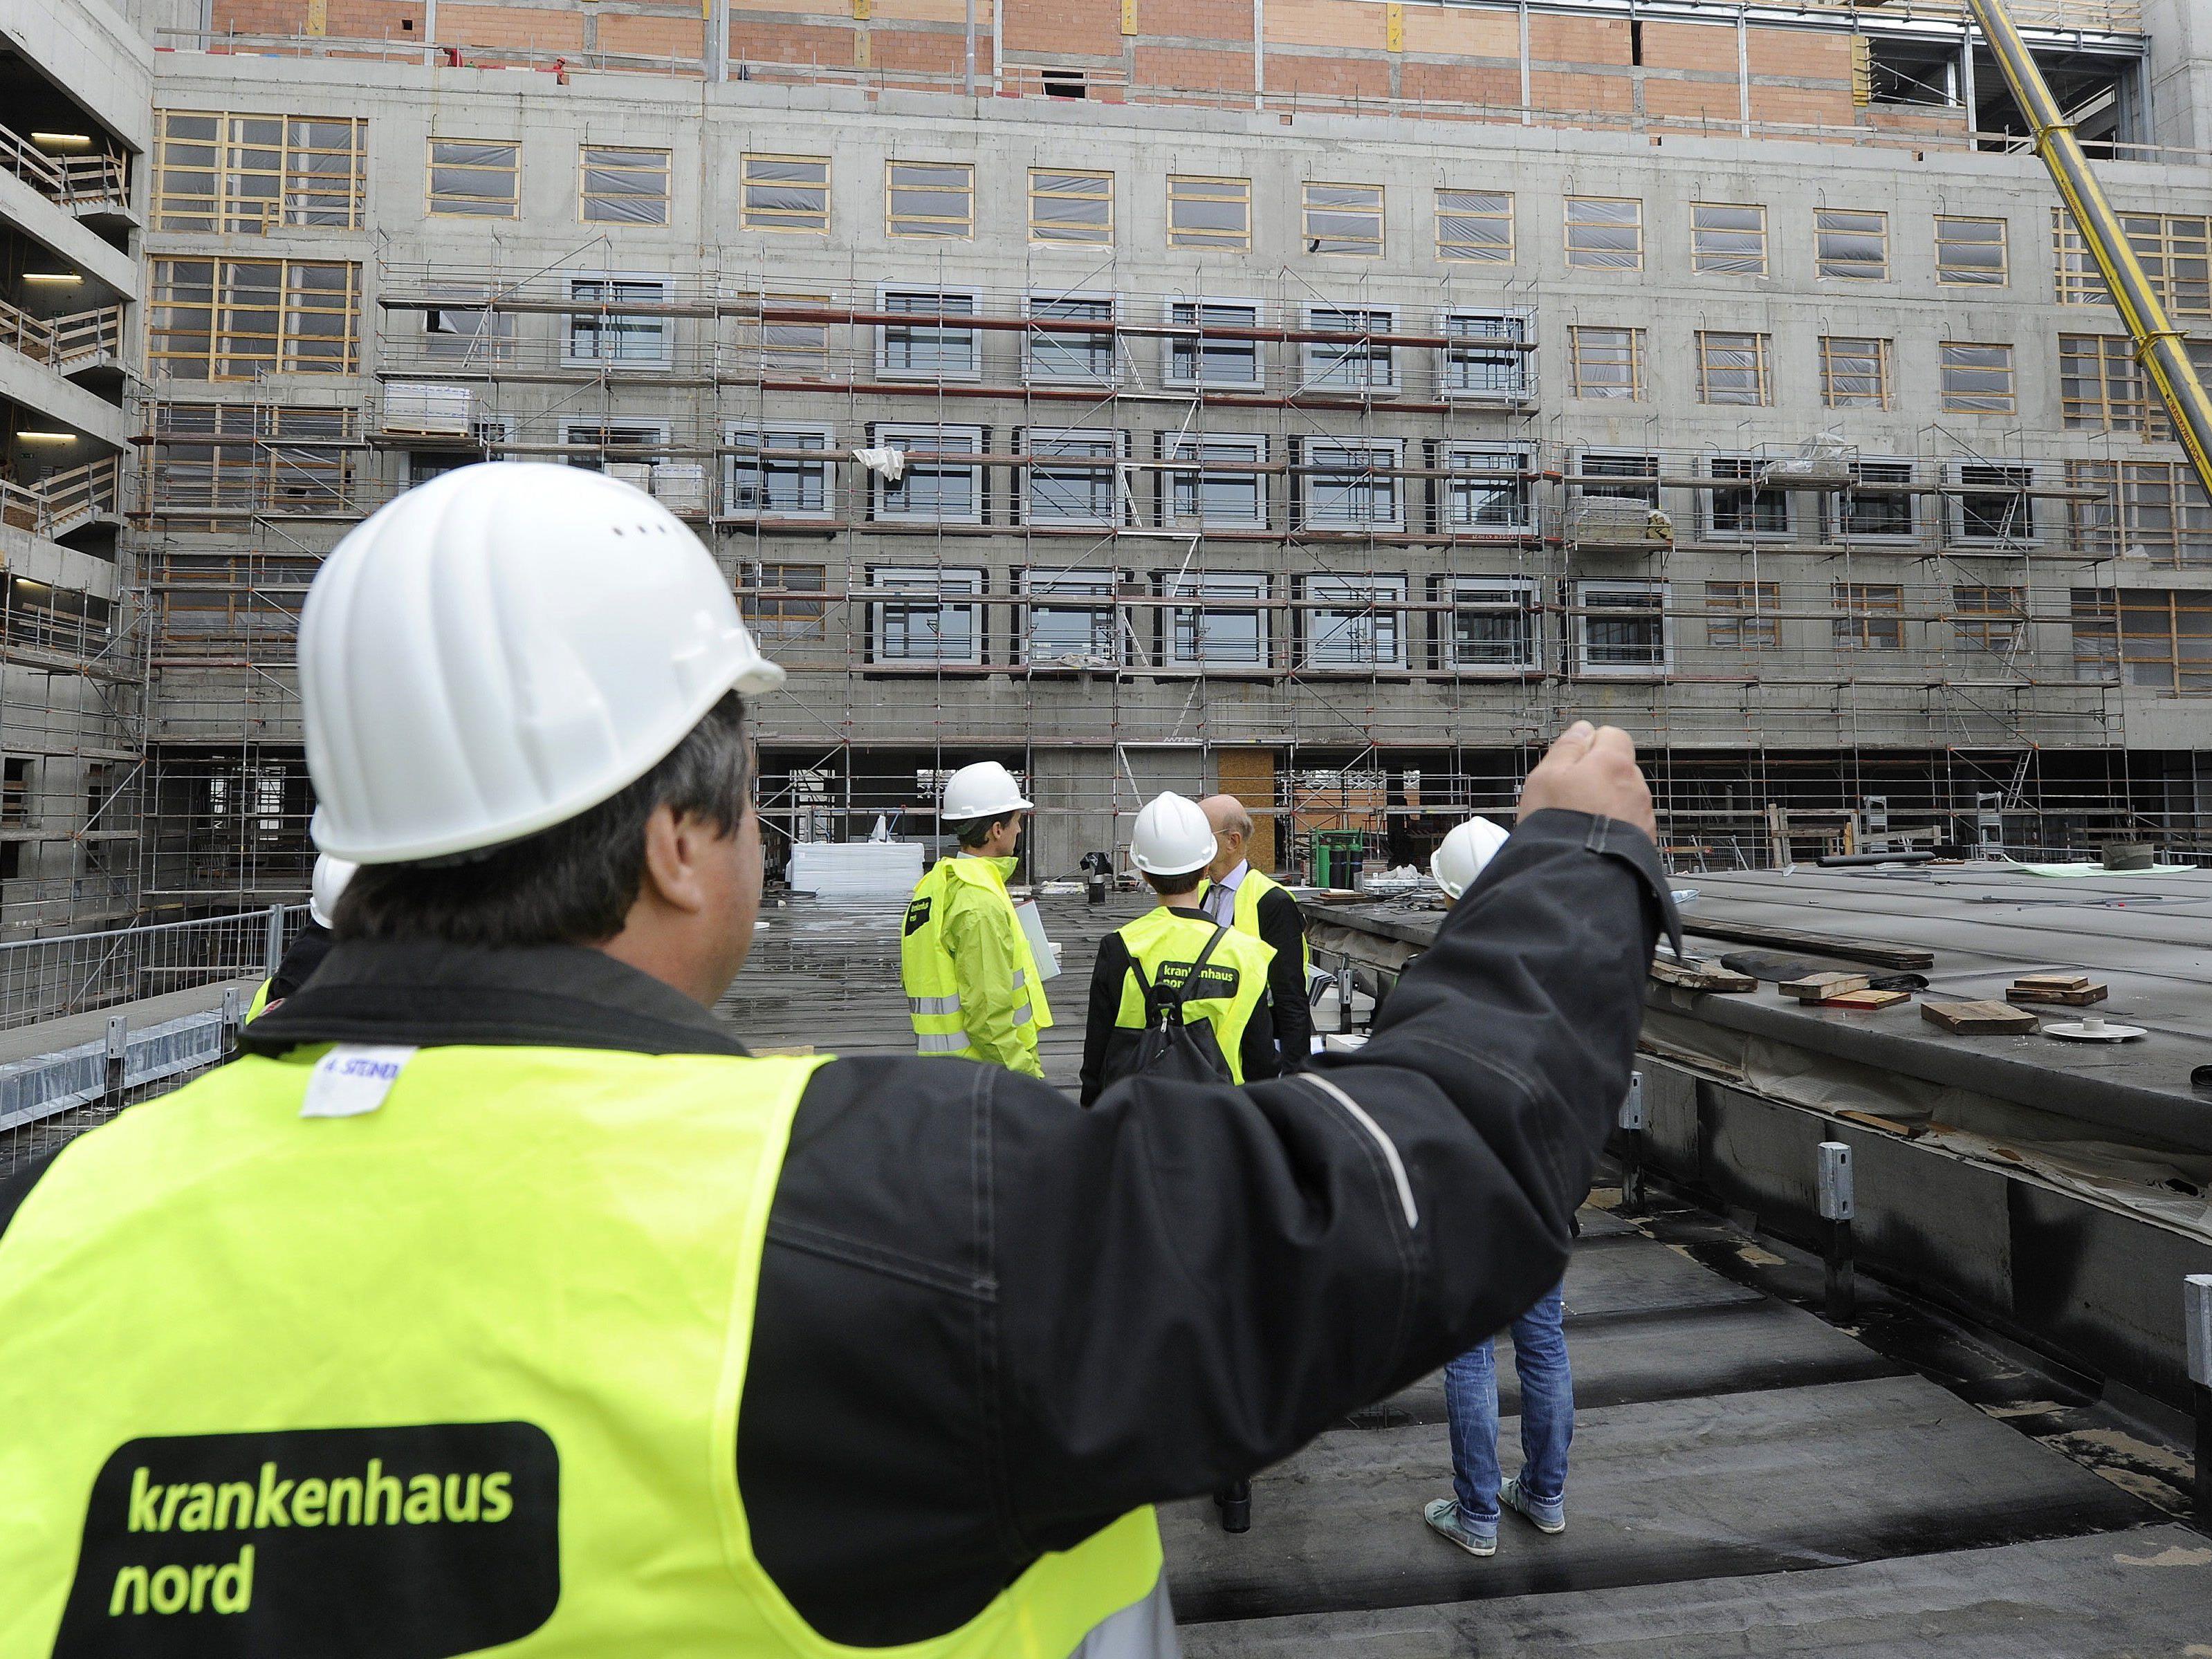 Die Bauarbeiter des Krankenhaus Nord werden noch länger zu tun haben.